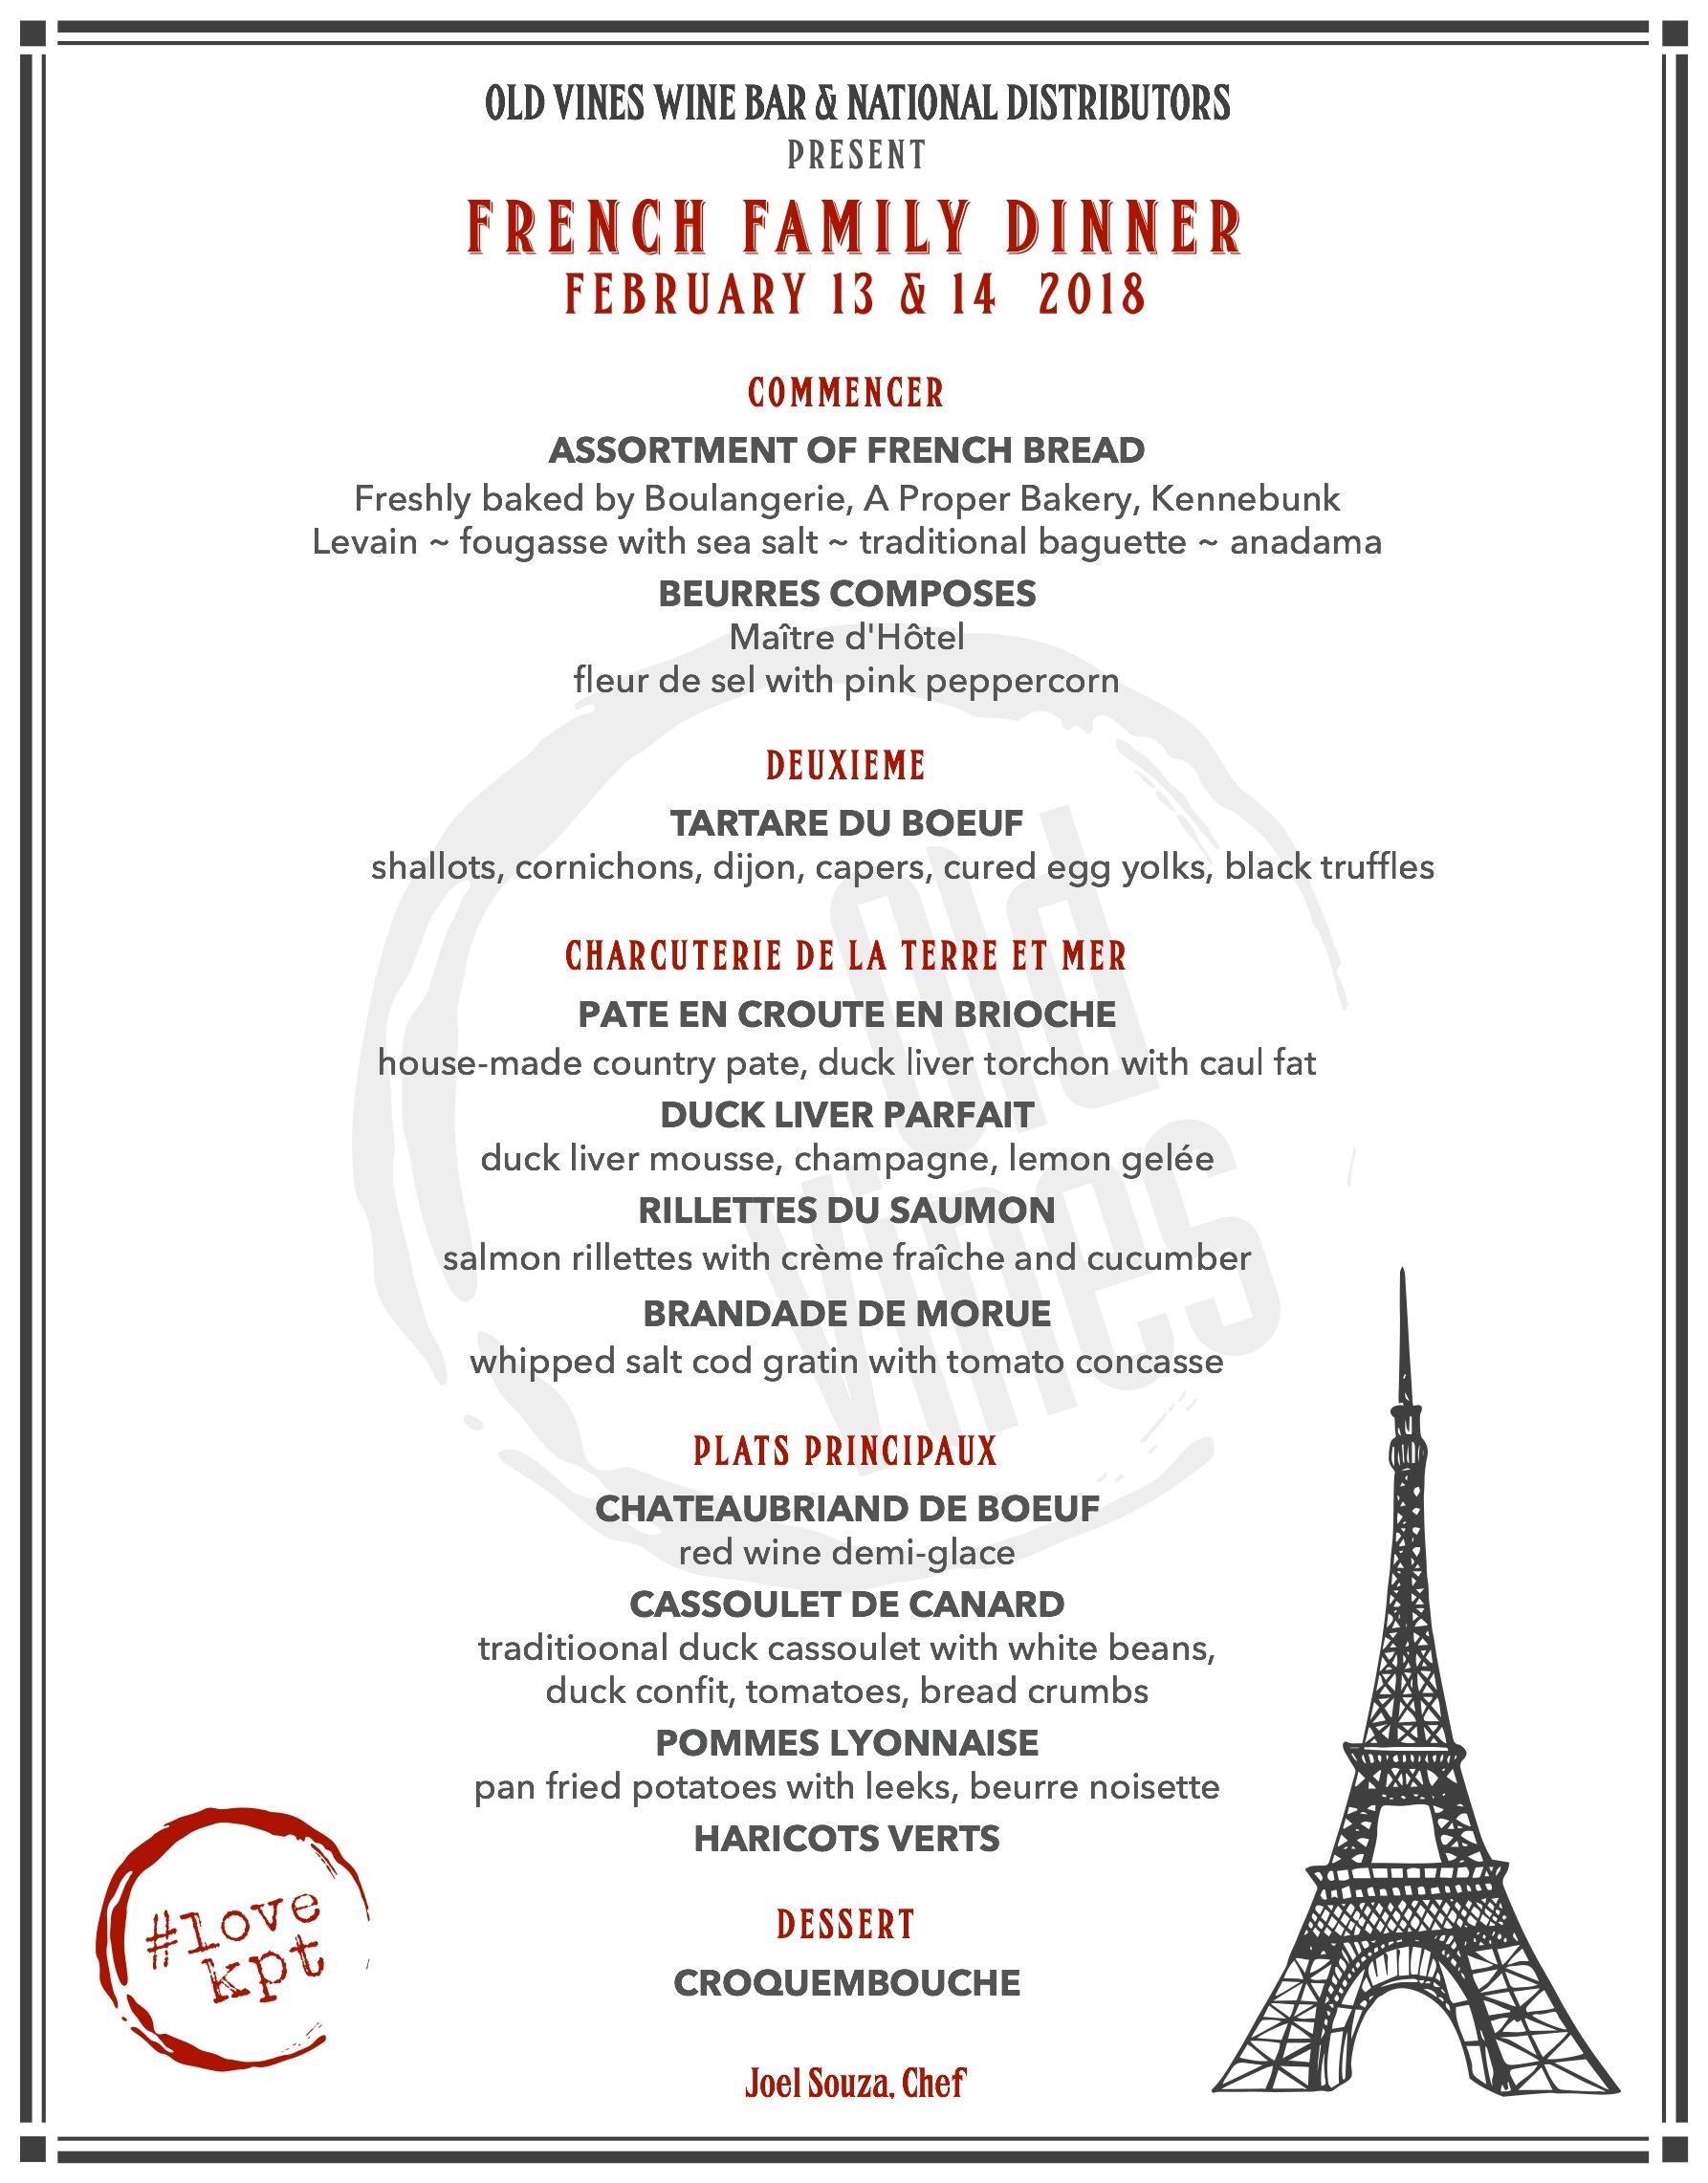 2018 French Fam Dinner menu.jpg